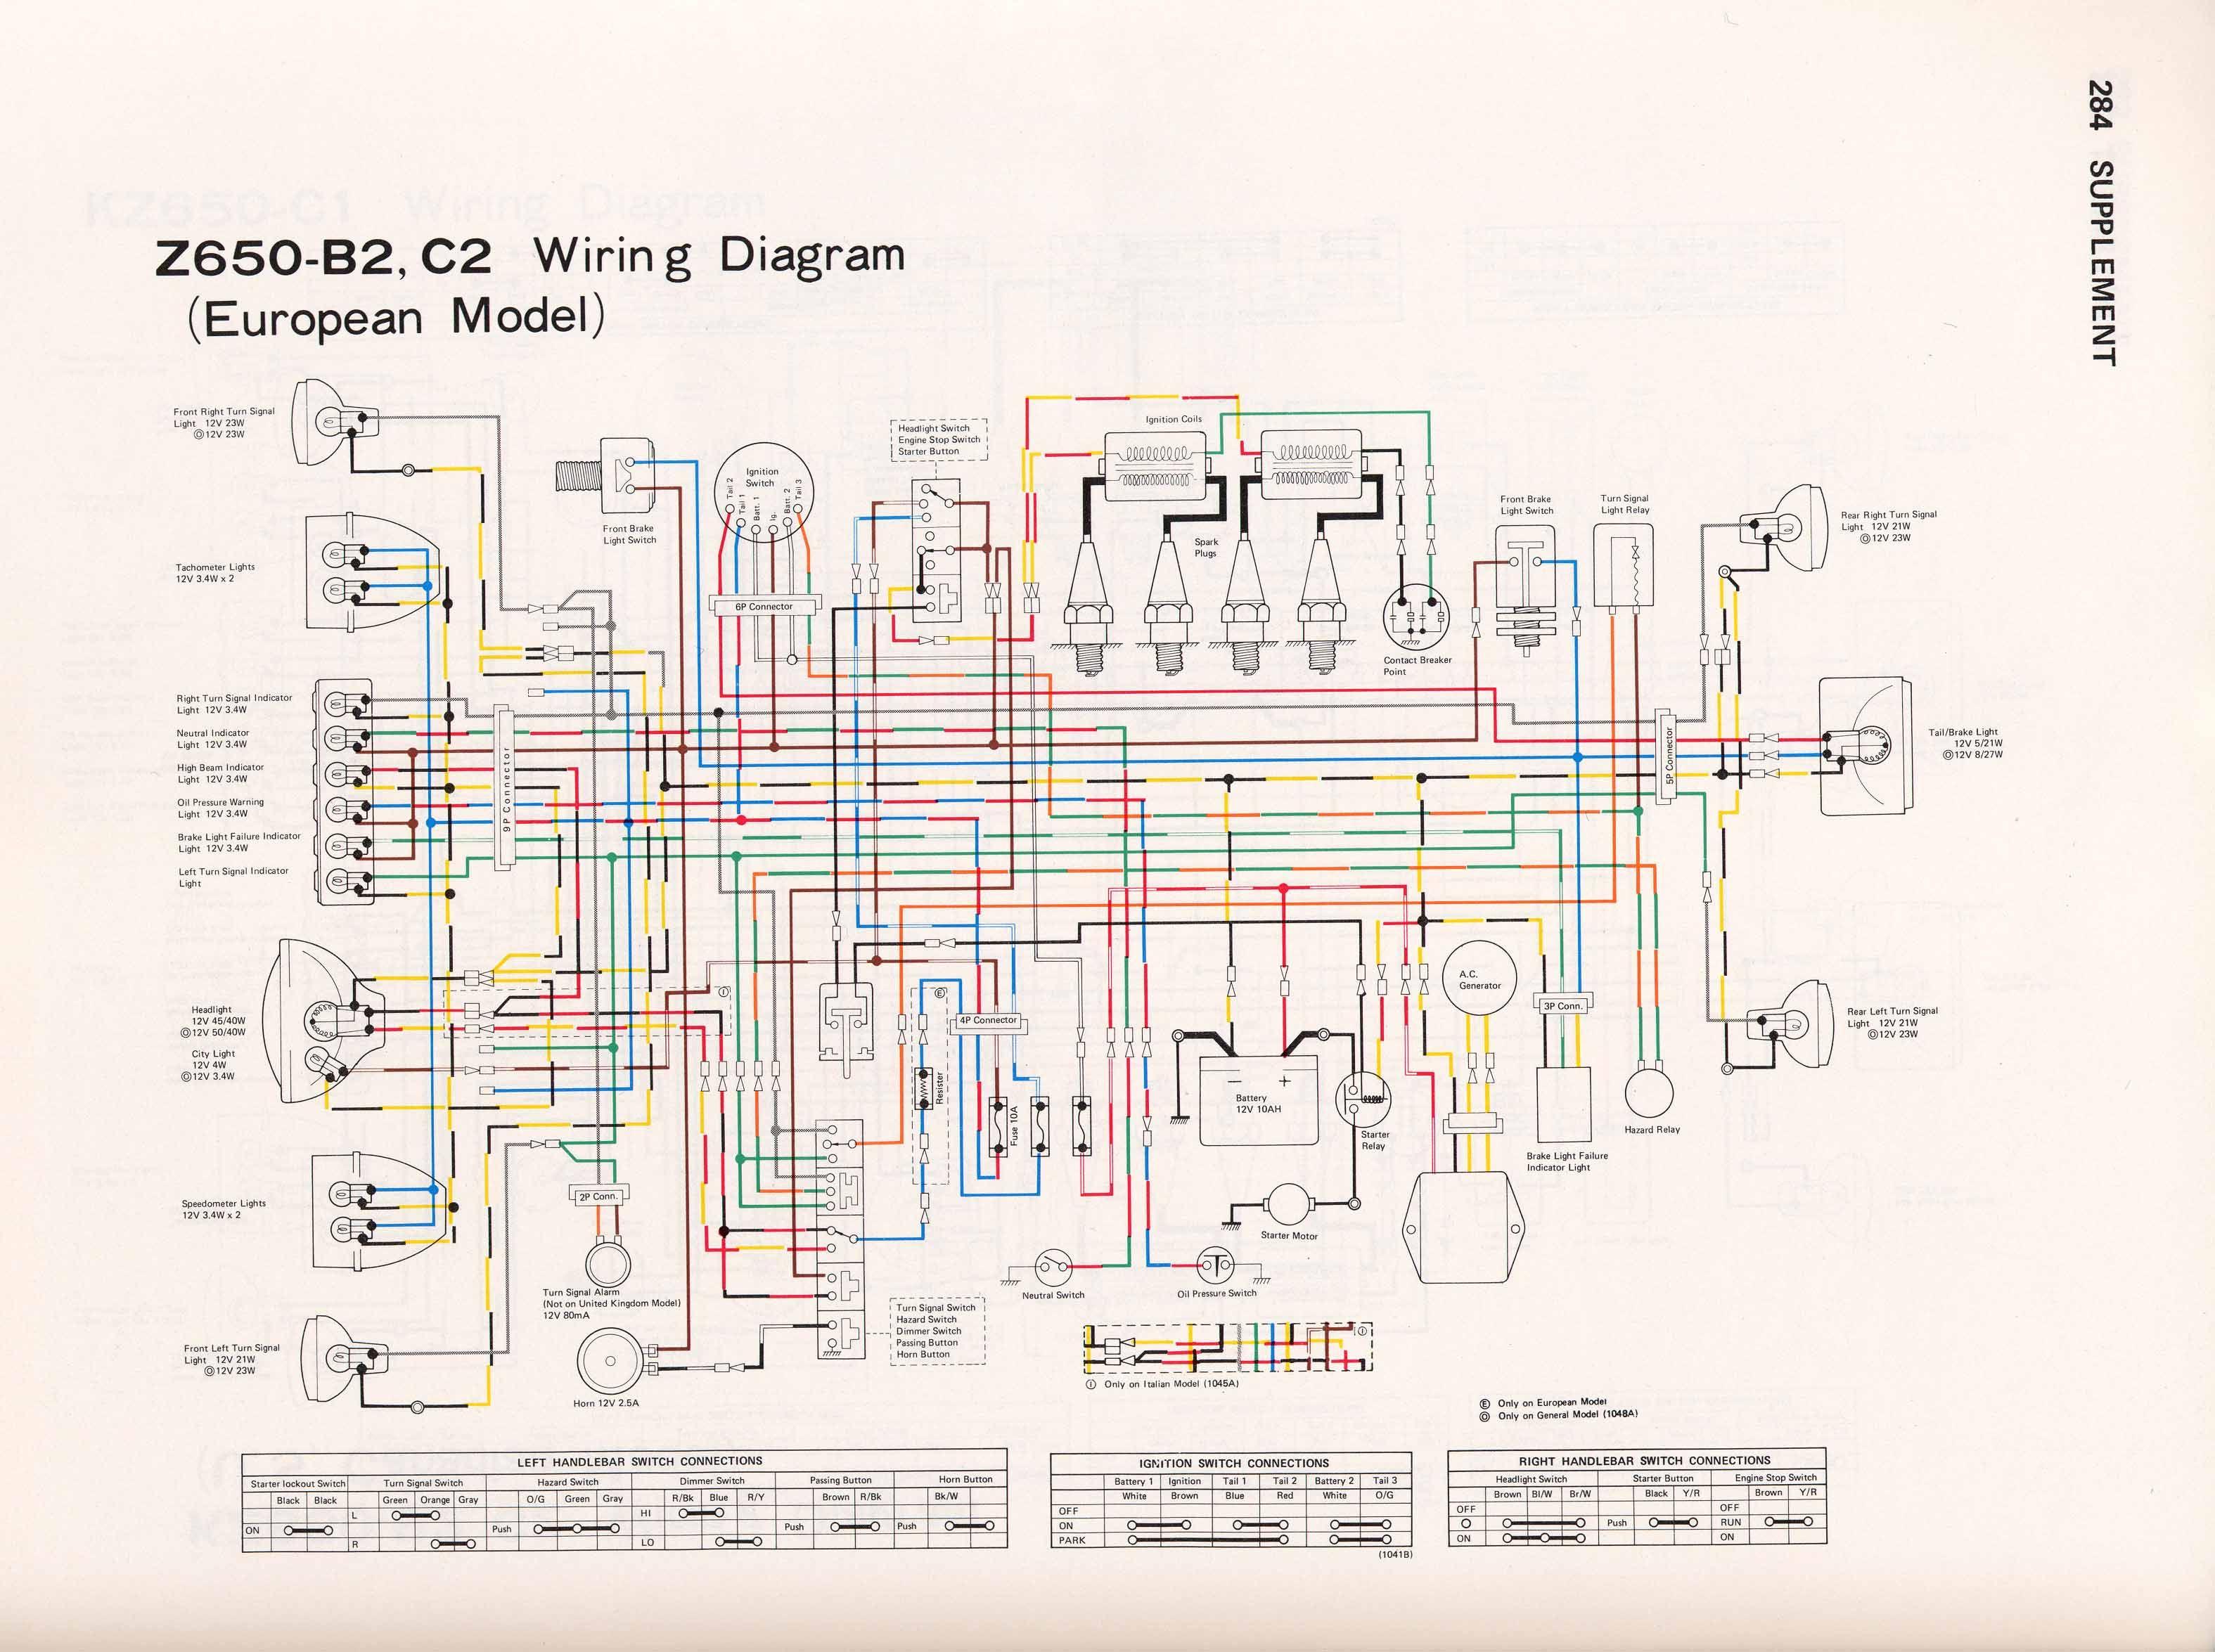 Kawasaki Z650 Wiring Diagram Zr 7s B2 C2 3150 2350 K Pinterest Rh Com Z750